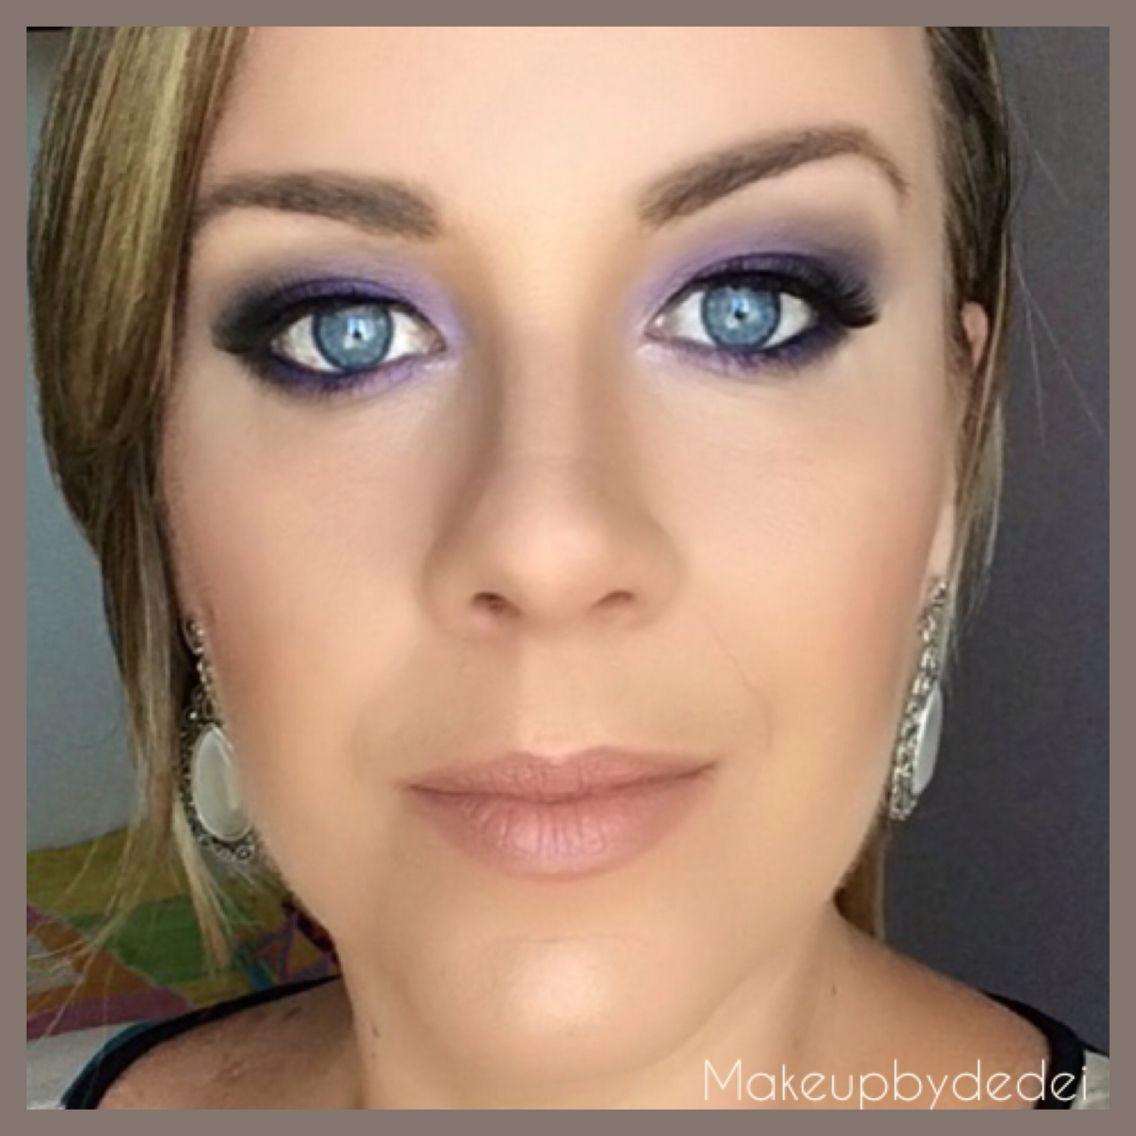 Esfumado com roxo. #makeupbydedei